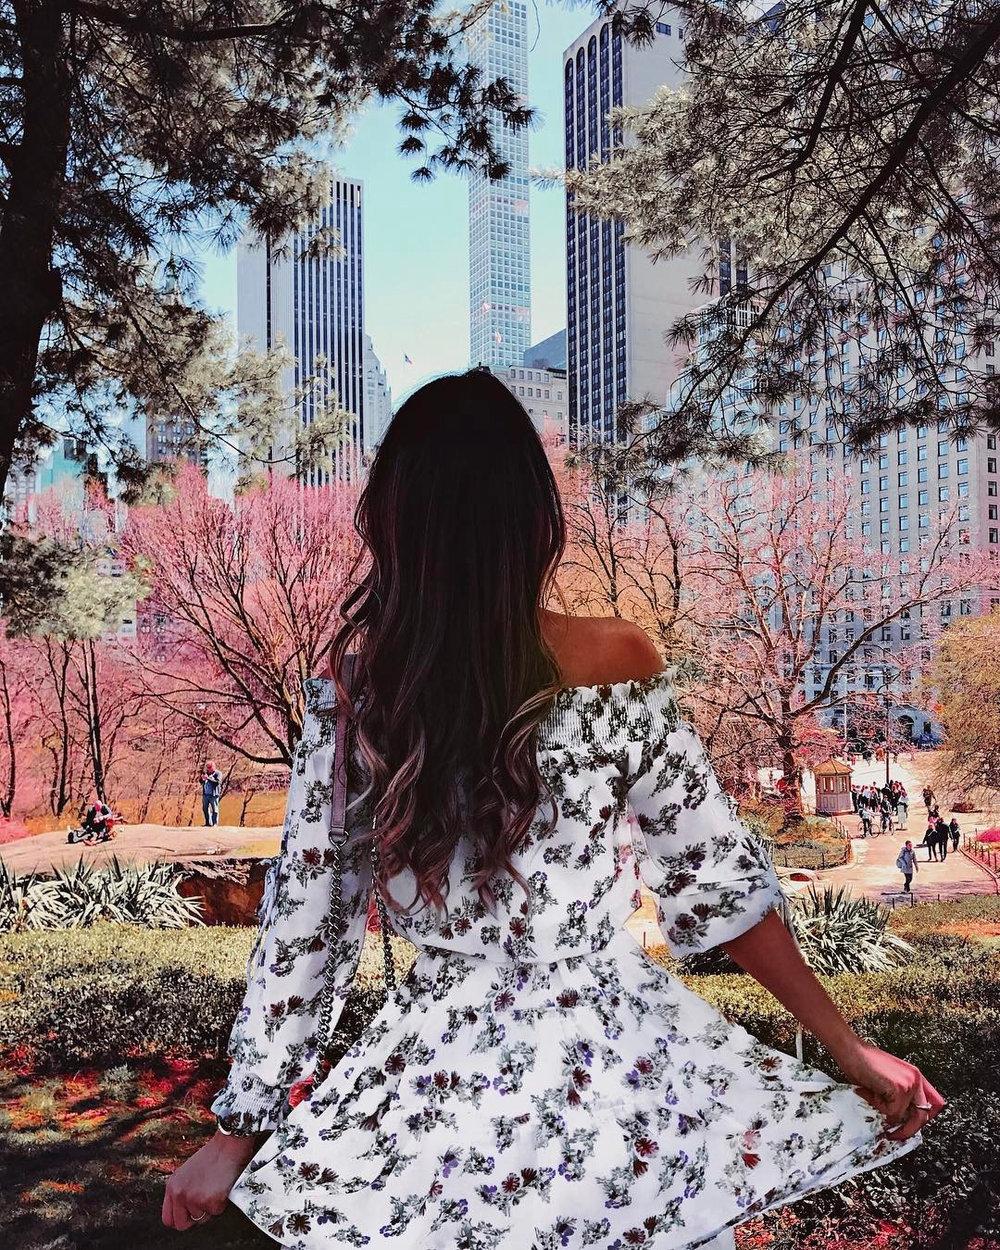 Floral dress in Central Park